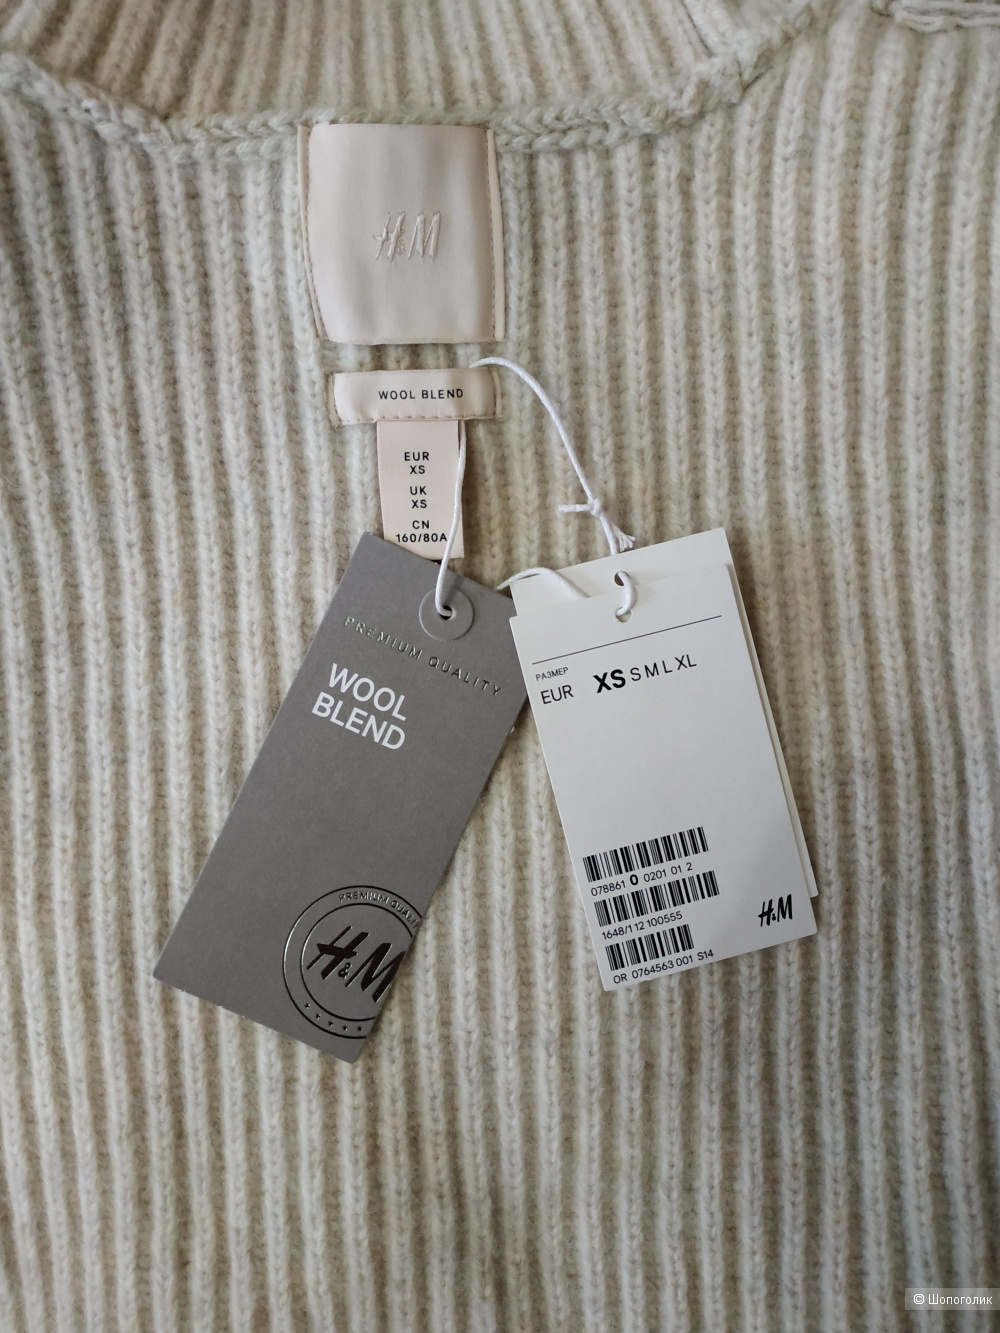 Свитер H&M Premium Quality. Размер XS-S